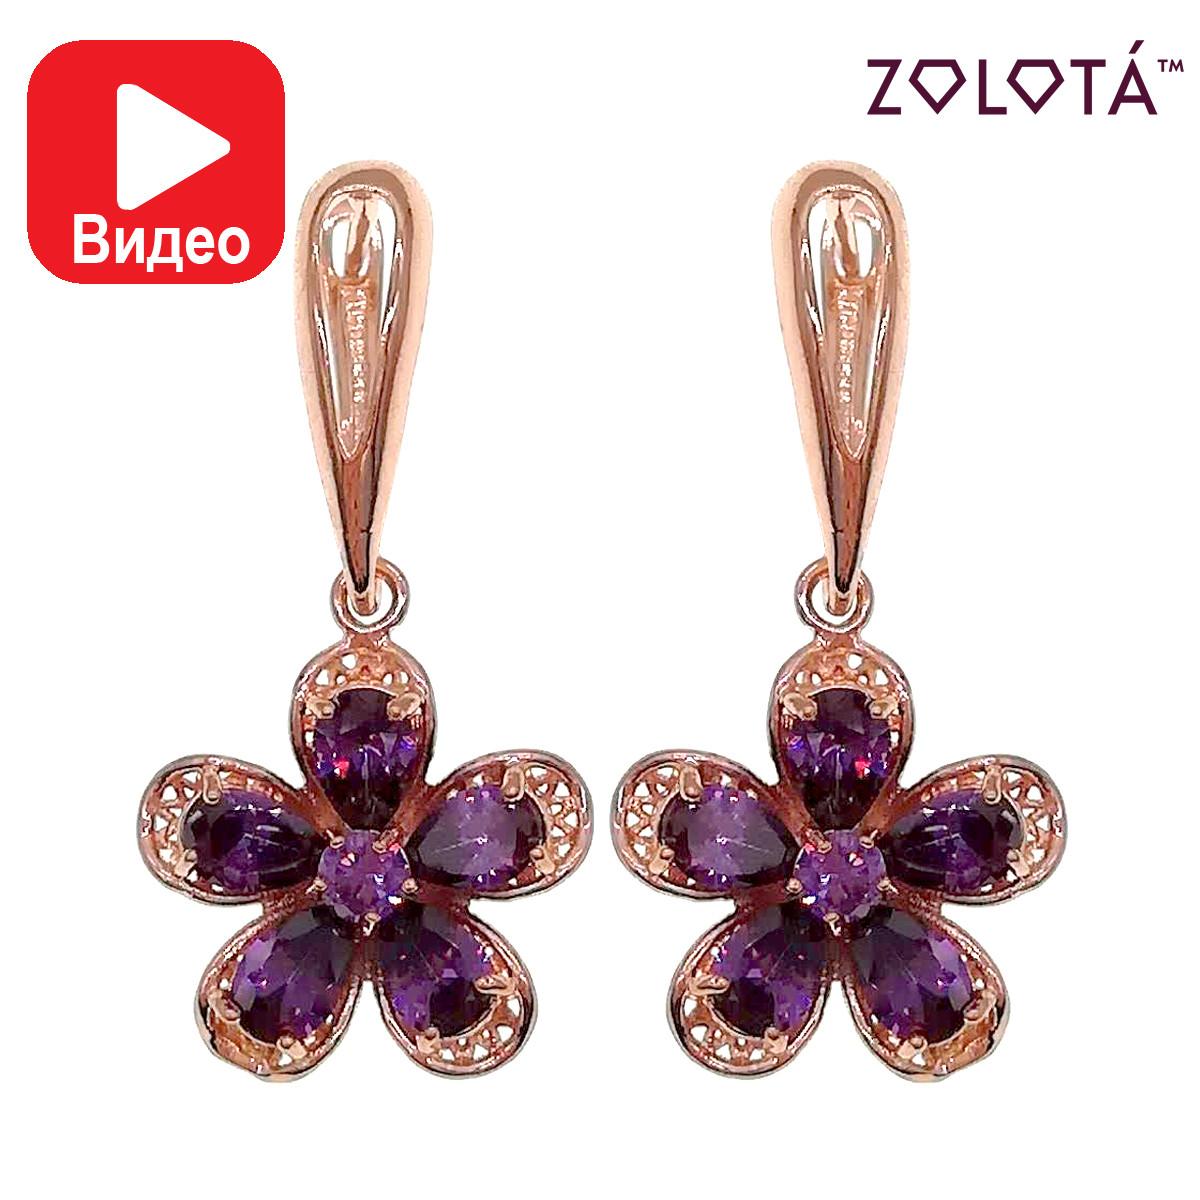 Серьги Zolota, размер 35х18 мм, фиолетовые фианиты (куб. цирконий), вес 8 г, позолота PO, ЗЛ00825 (1)